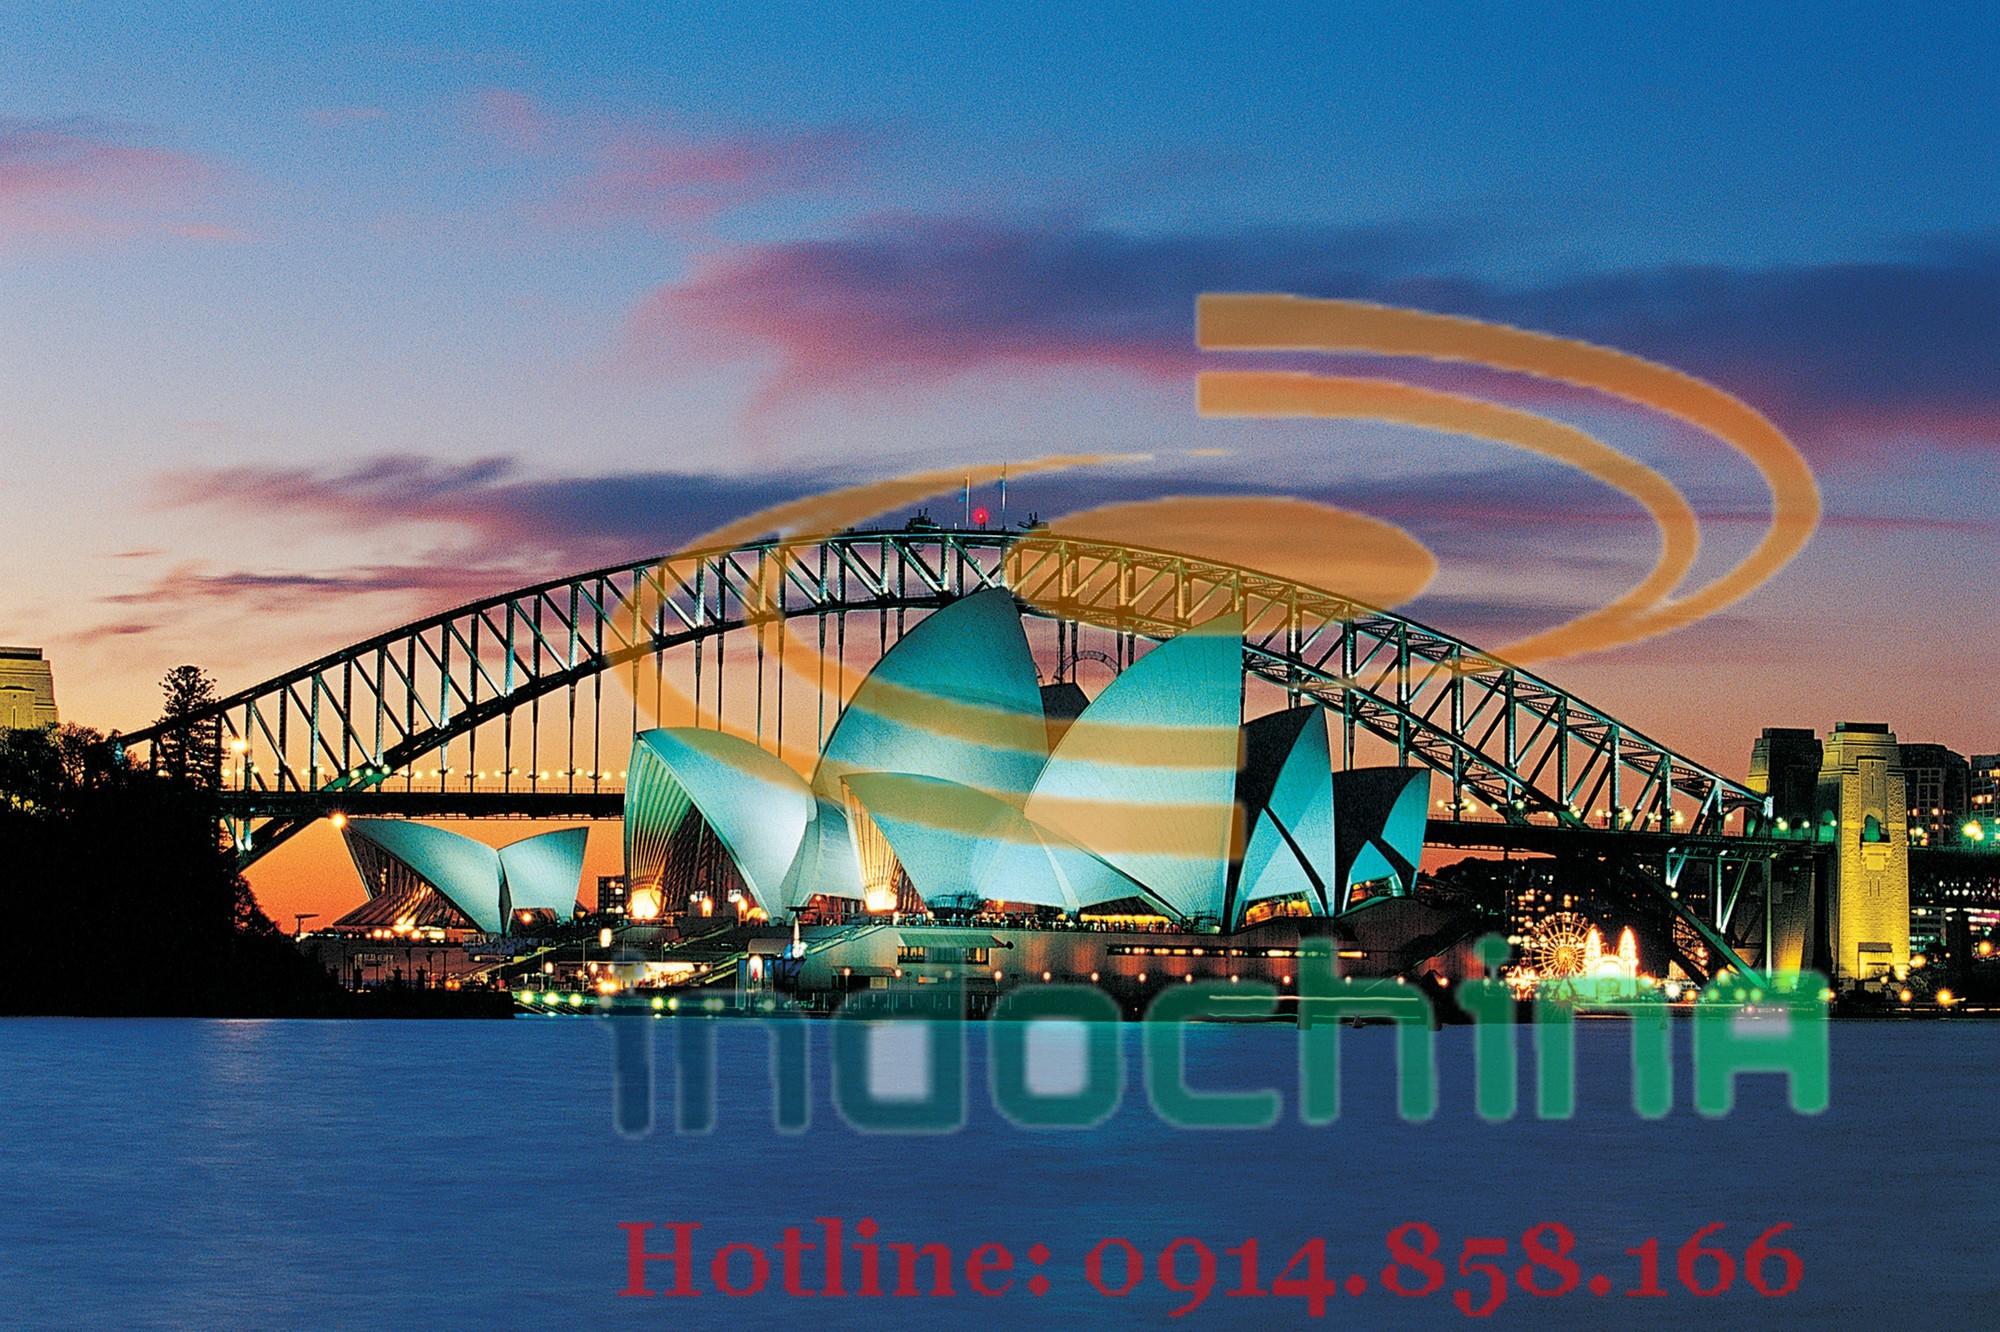 Dịch vụ order mua hộ mỹ phẩm Úc chính hãng uy tín